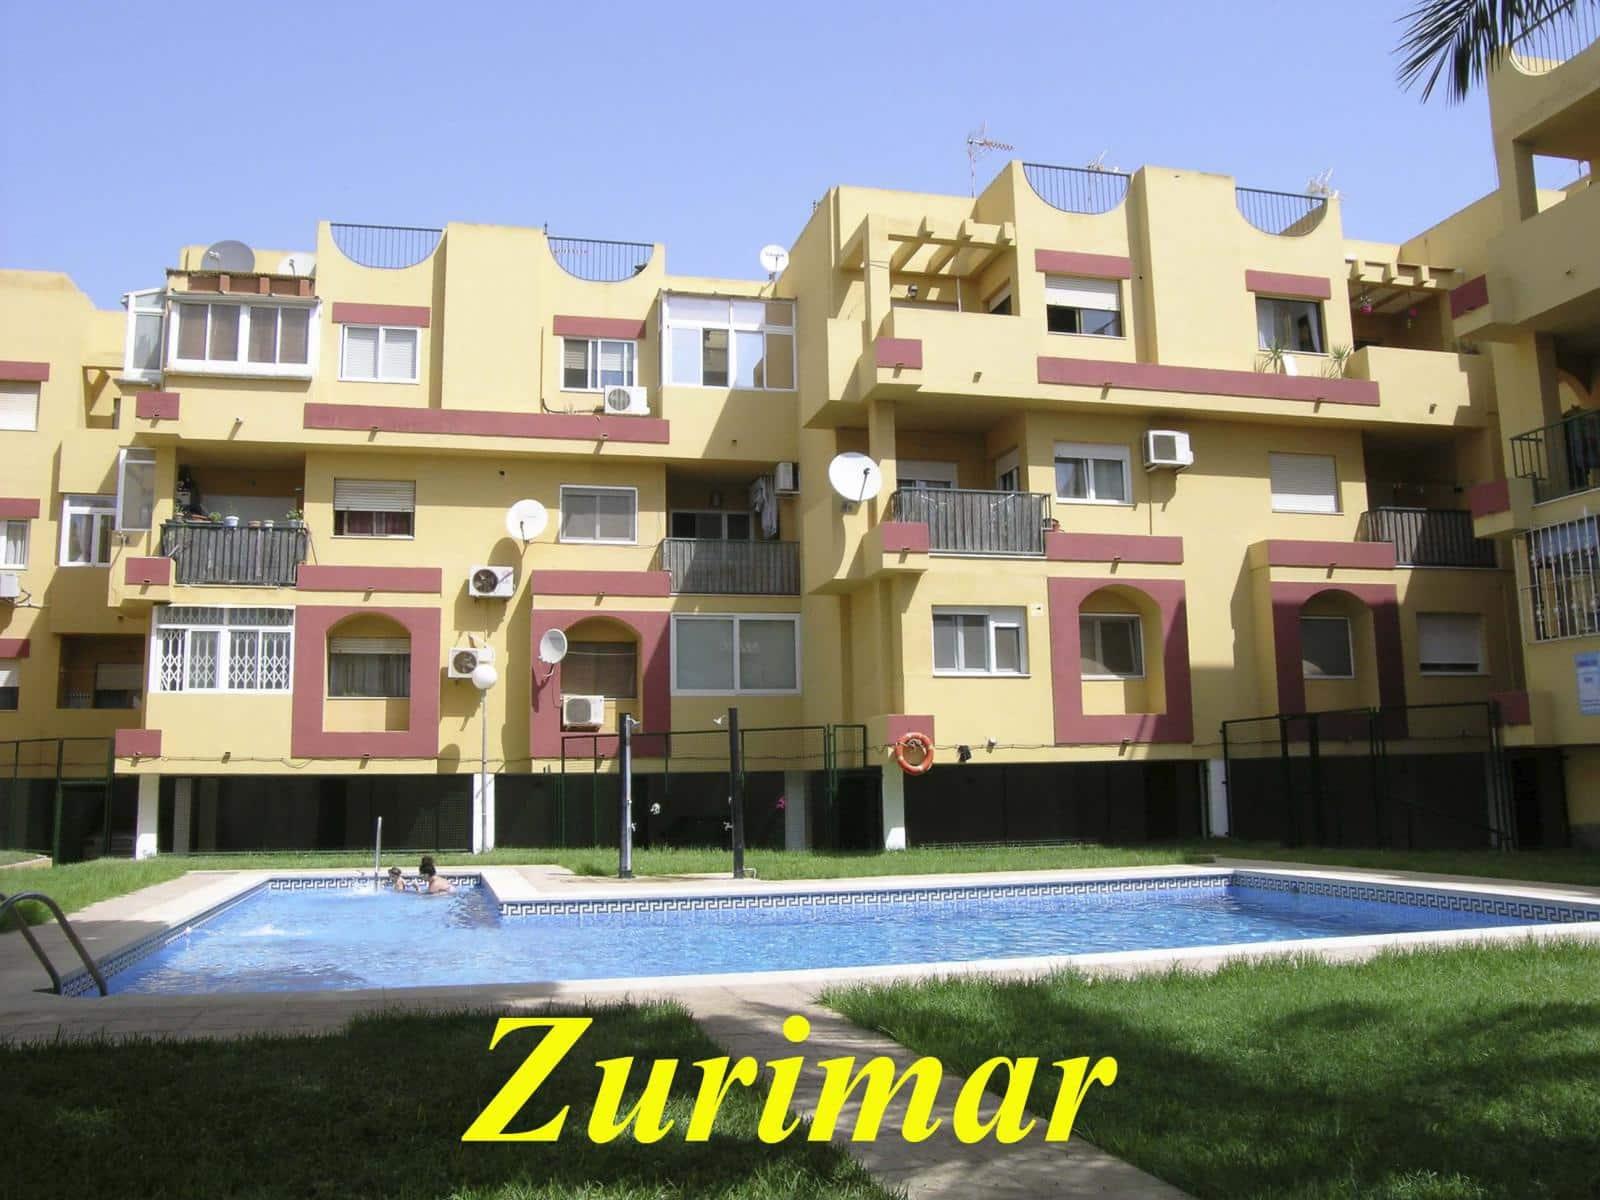 Garage à vendre à Roquetas de Mar - 14 000 € (Ref: 5388894)